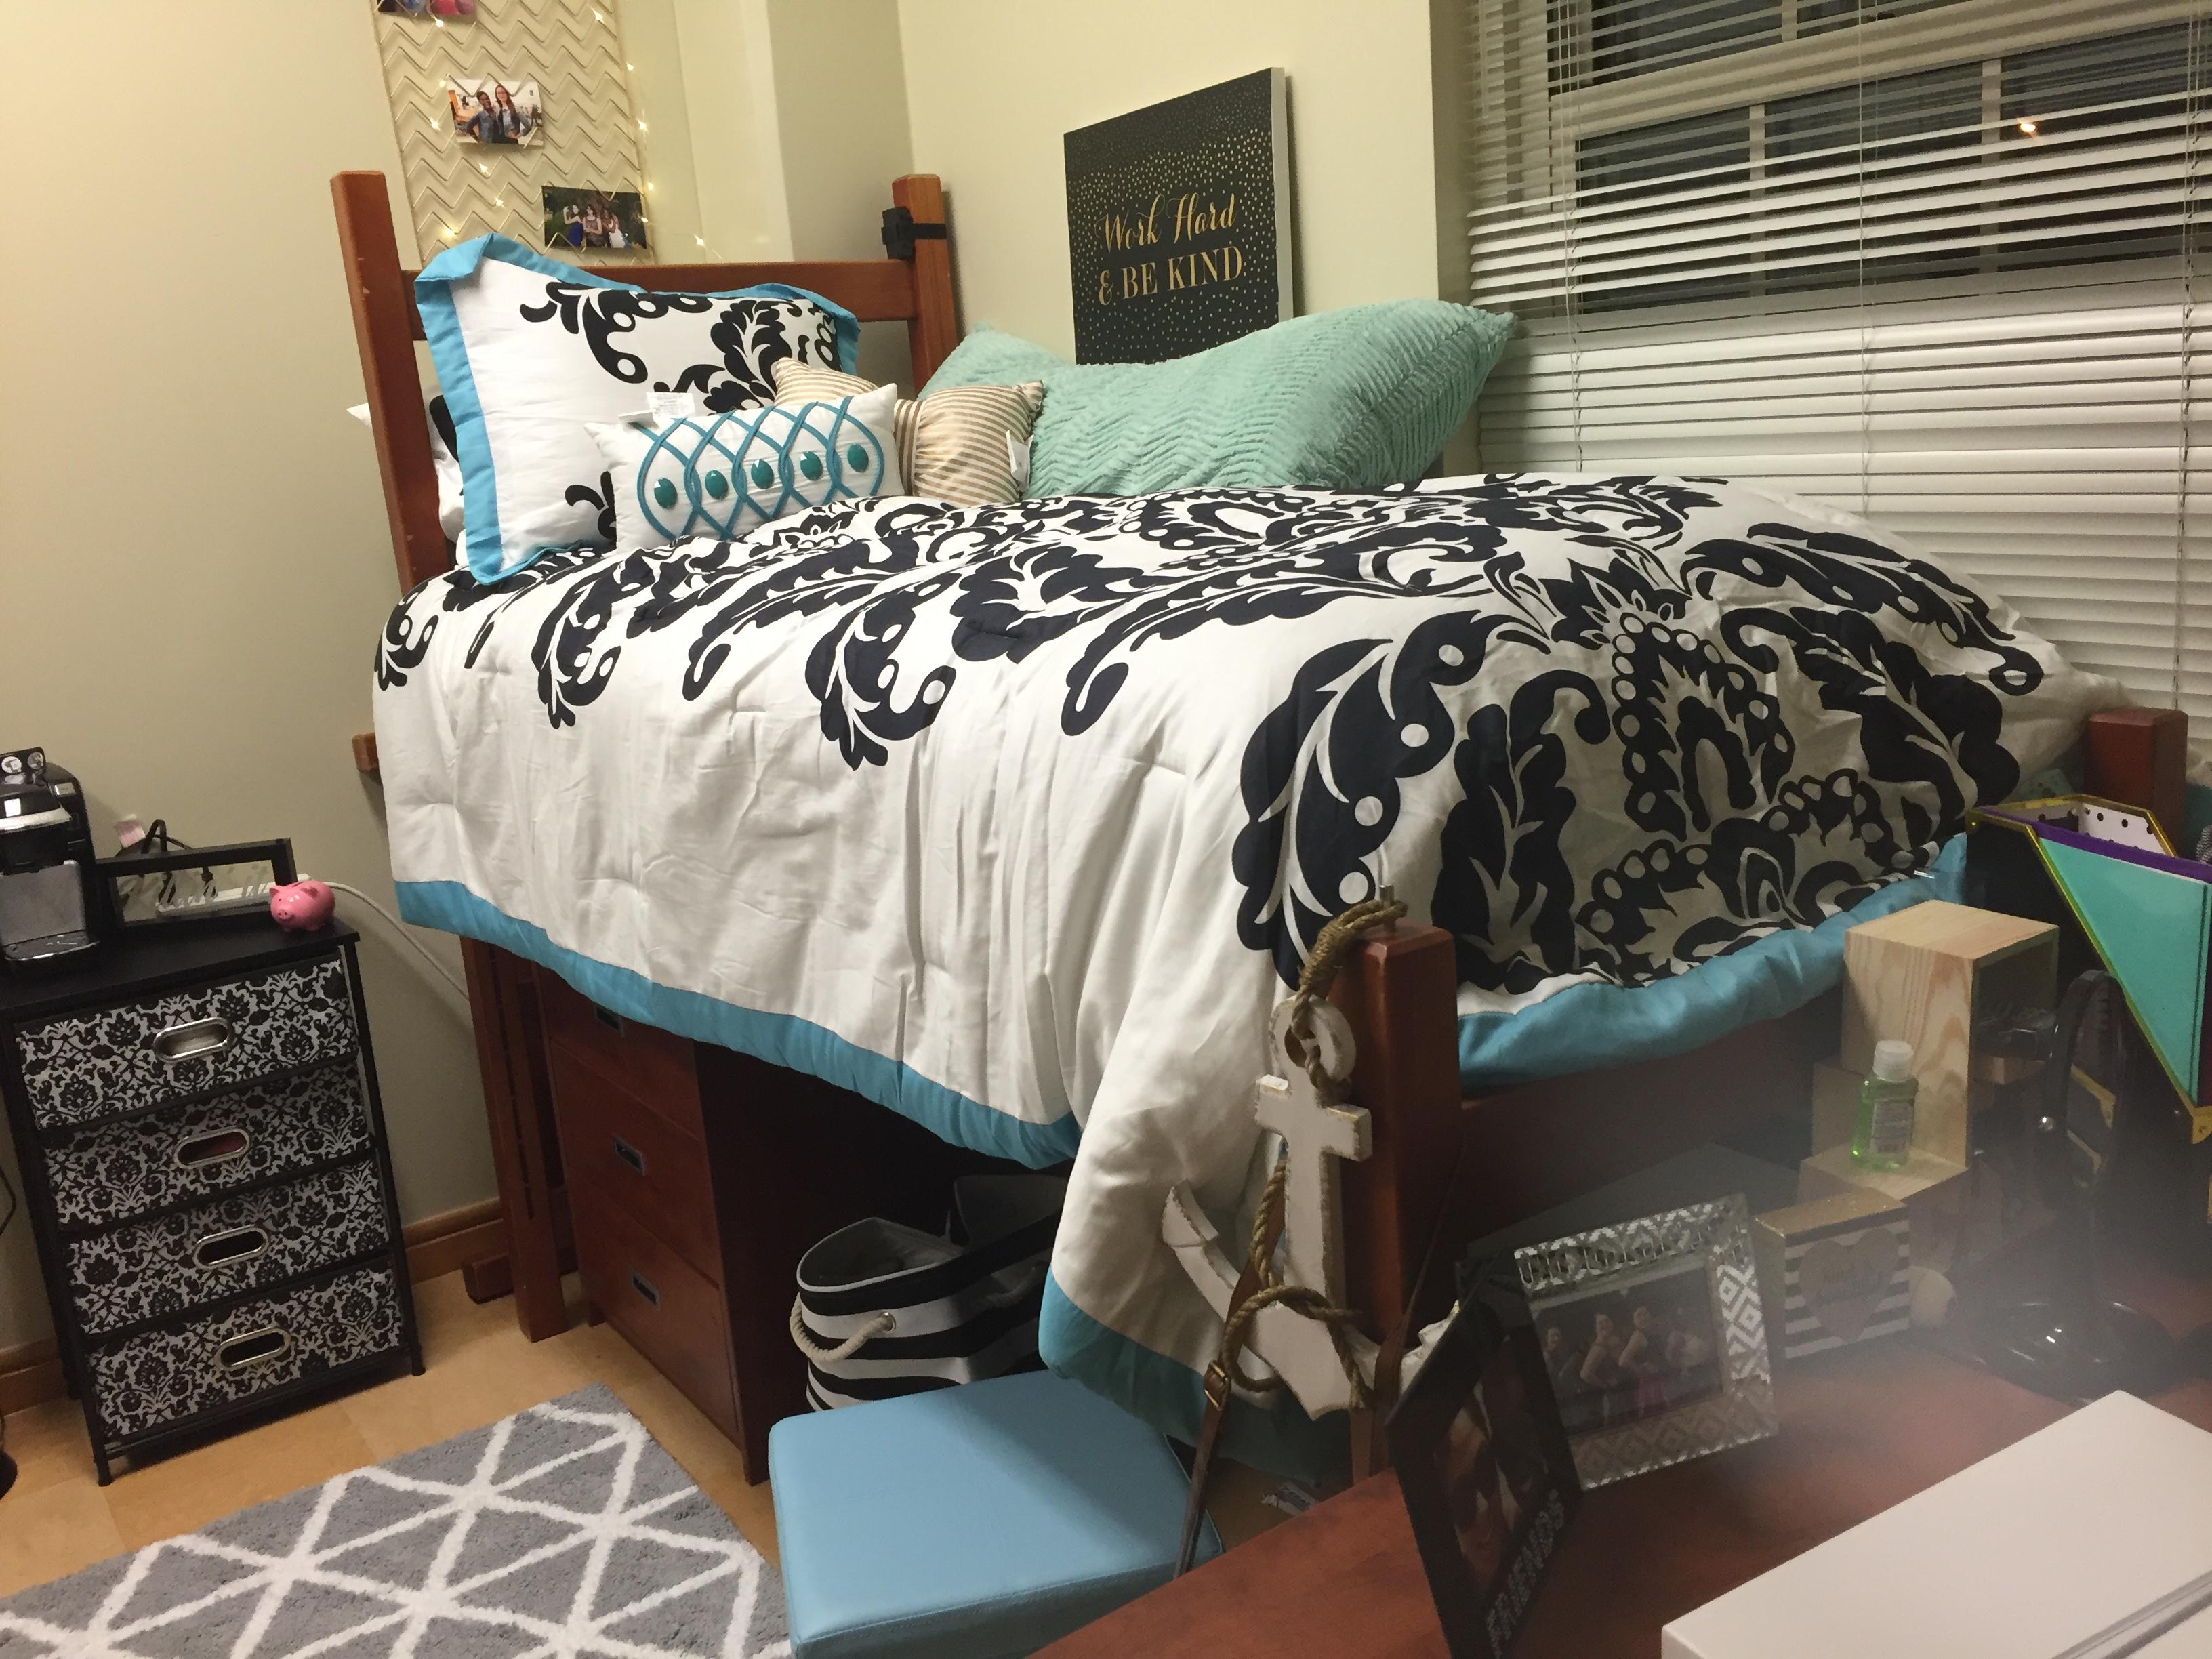 Dorm Rooms Inside Dores Vanderbilt University